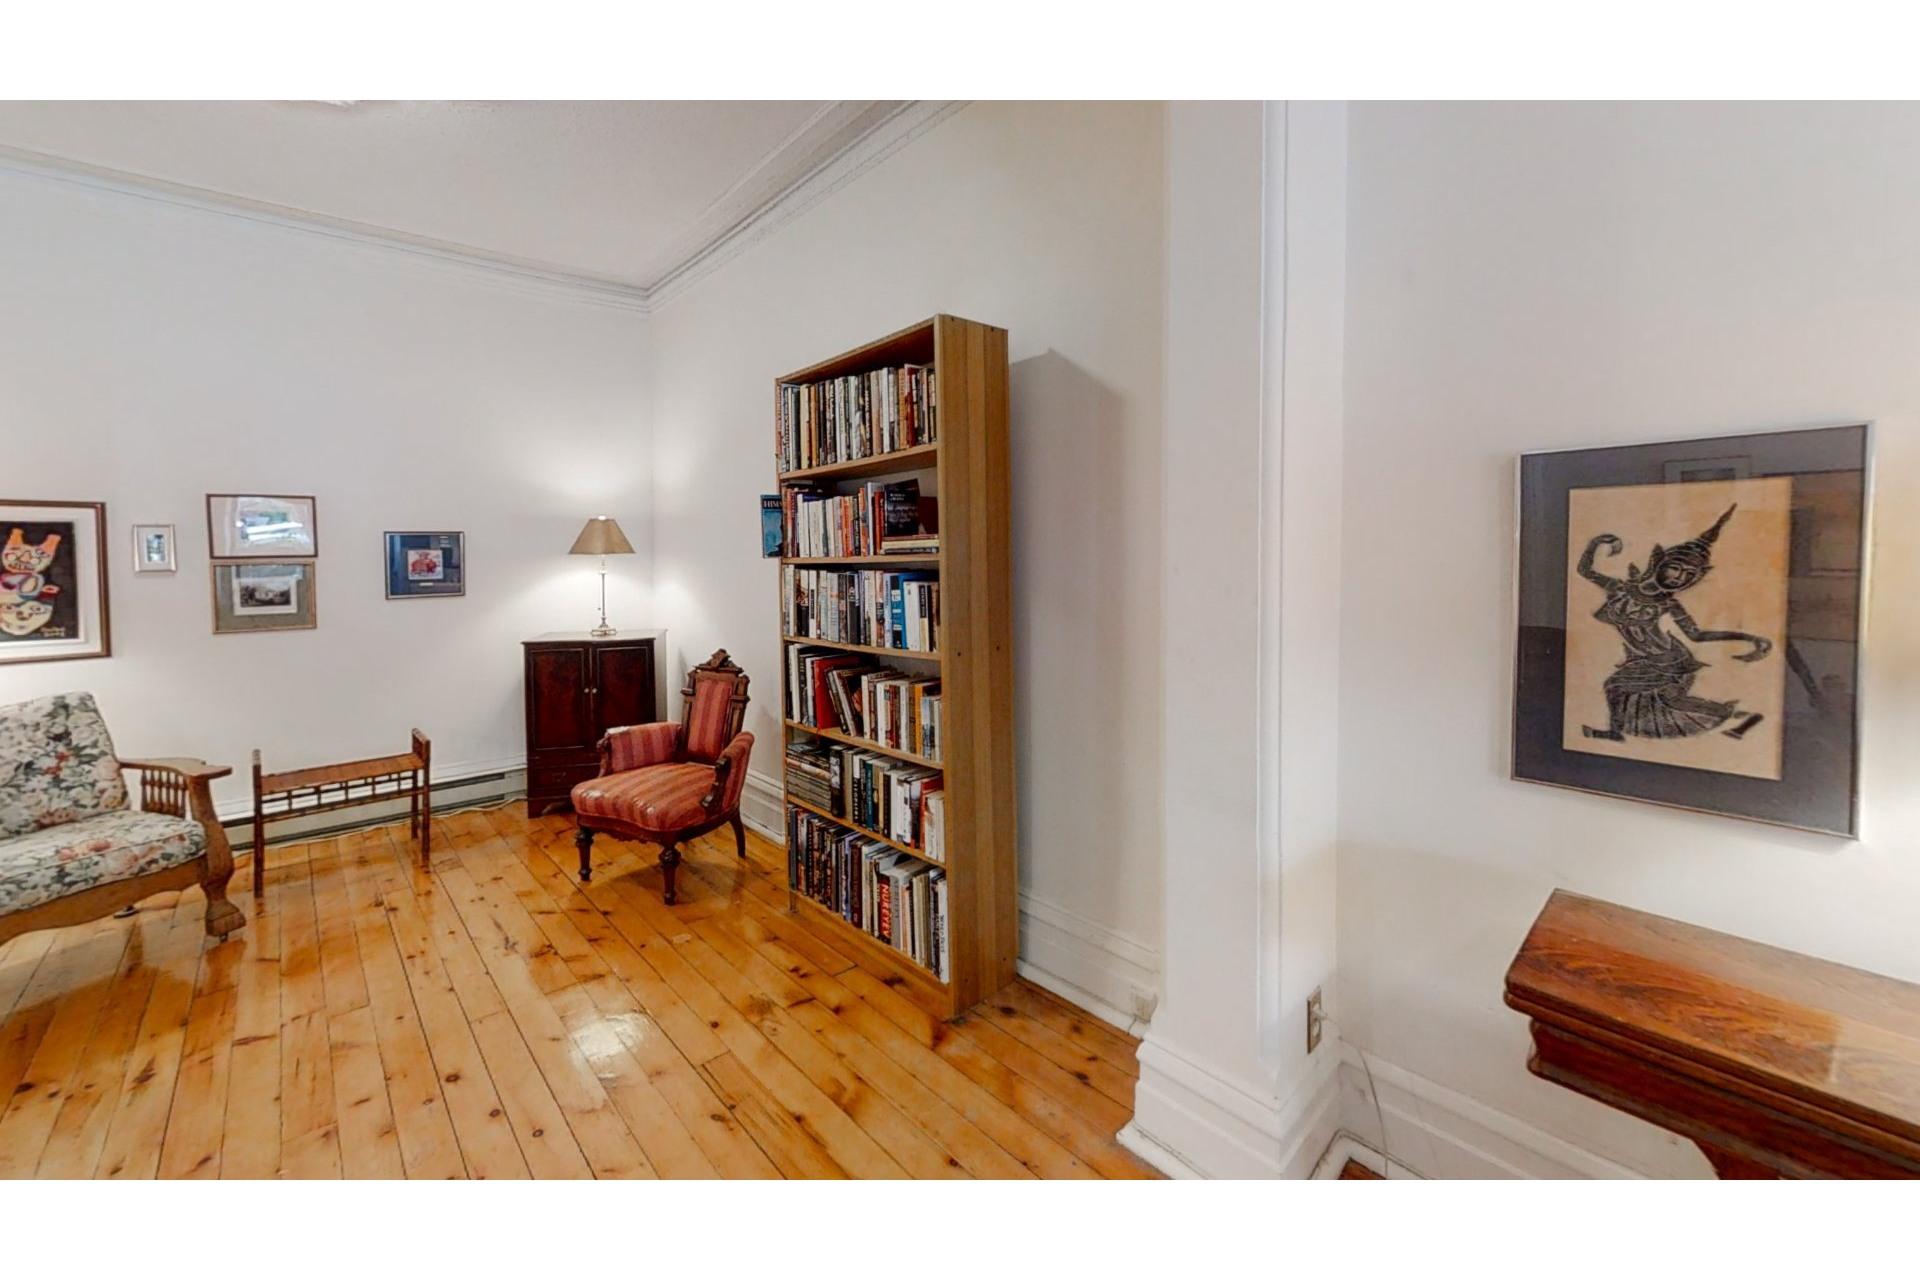 image 5 - Apartment For sale Ville-Marie Montréal  - 8 rooms